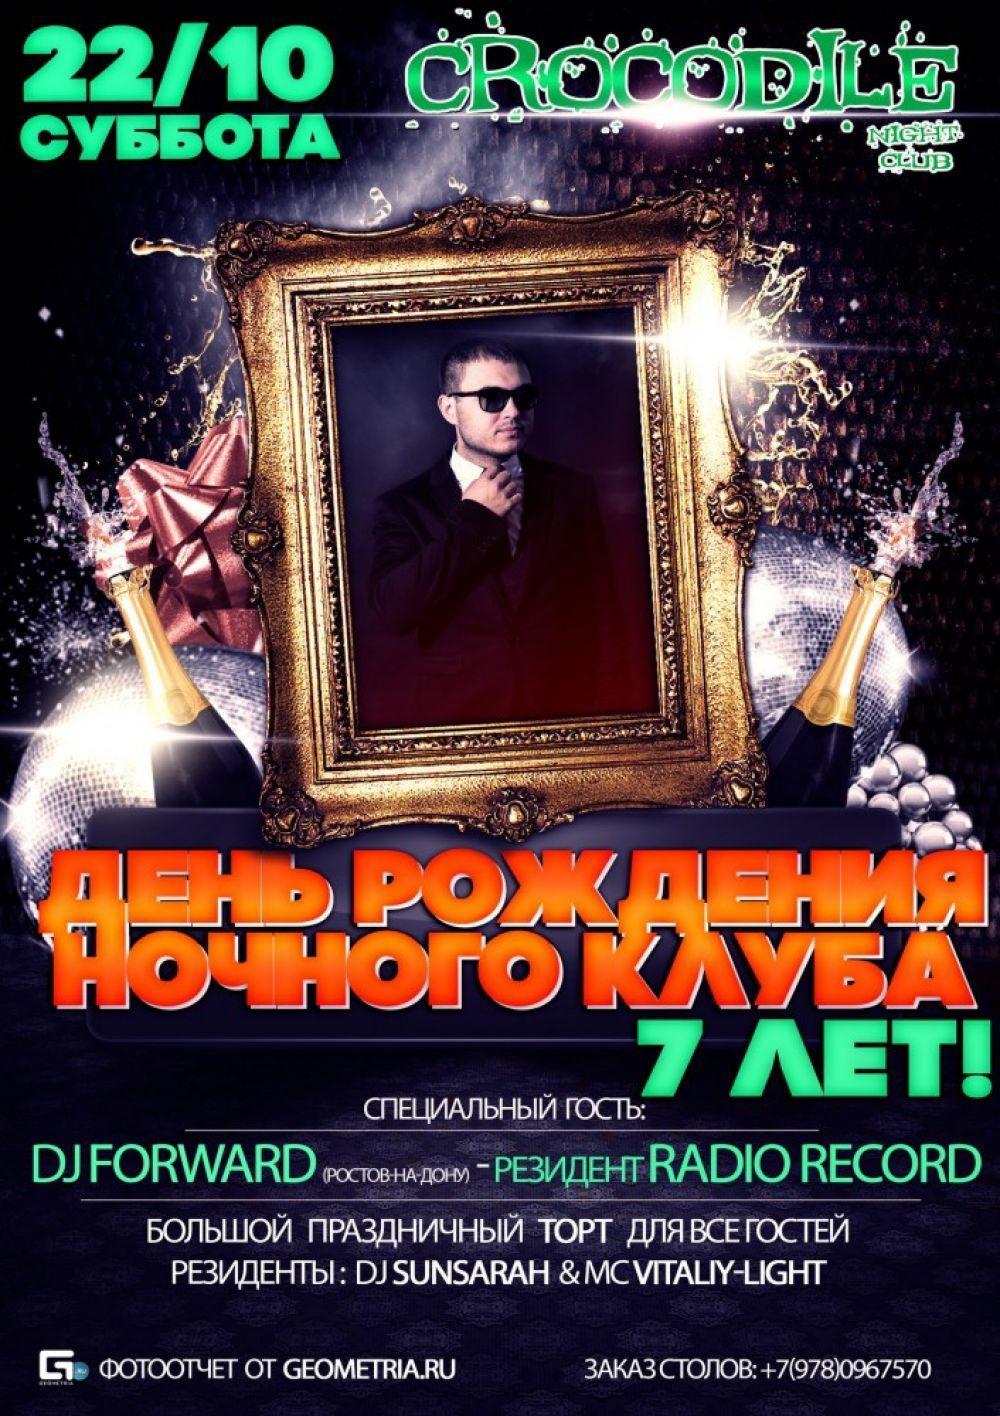 В эти выходные отмечает свой день рождения Ночной клуб «CROCODILE»(7 ЛЕТ), главный гость праздника DJ Foward (Ростов-на-Дону, резидент Radoi Record)